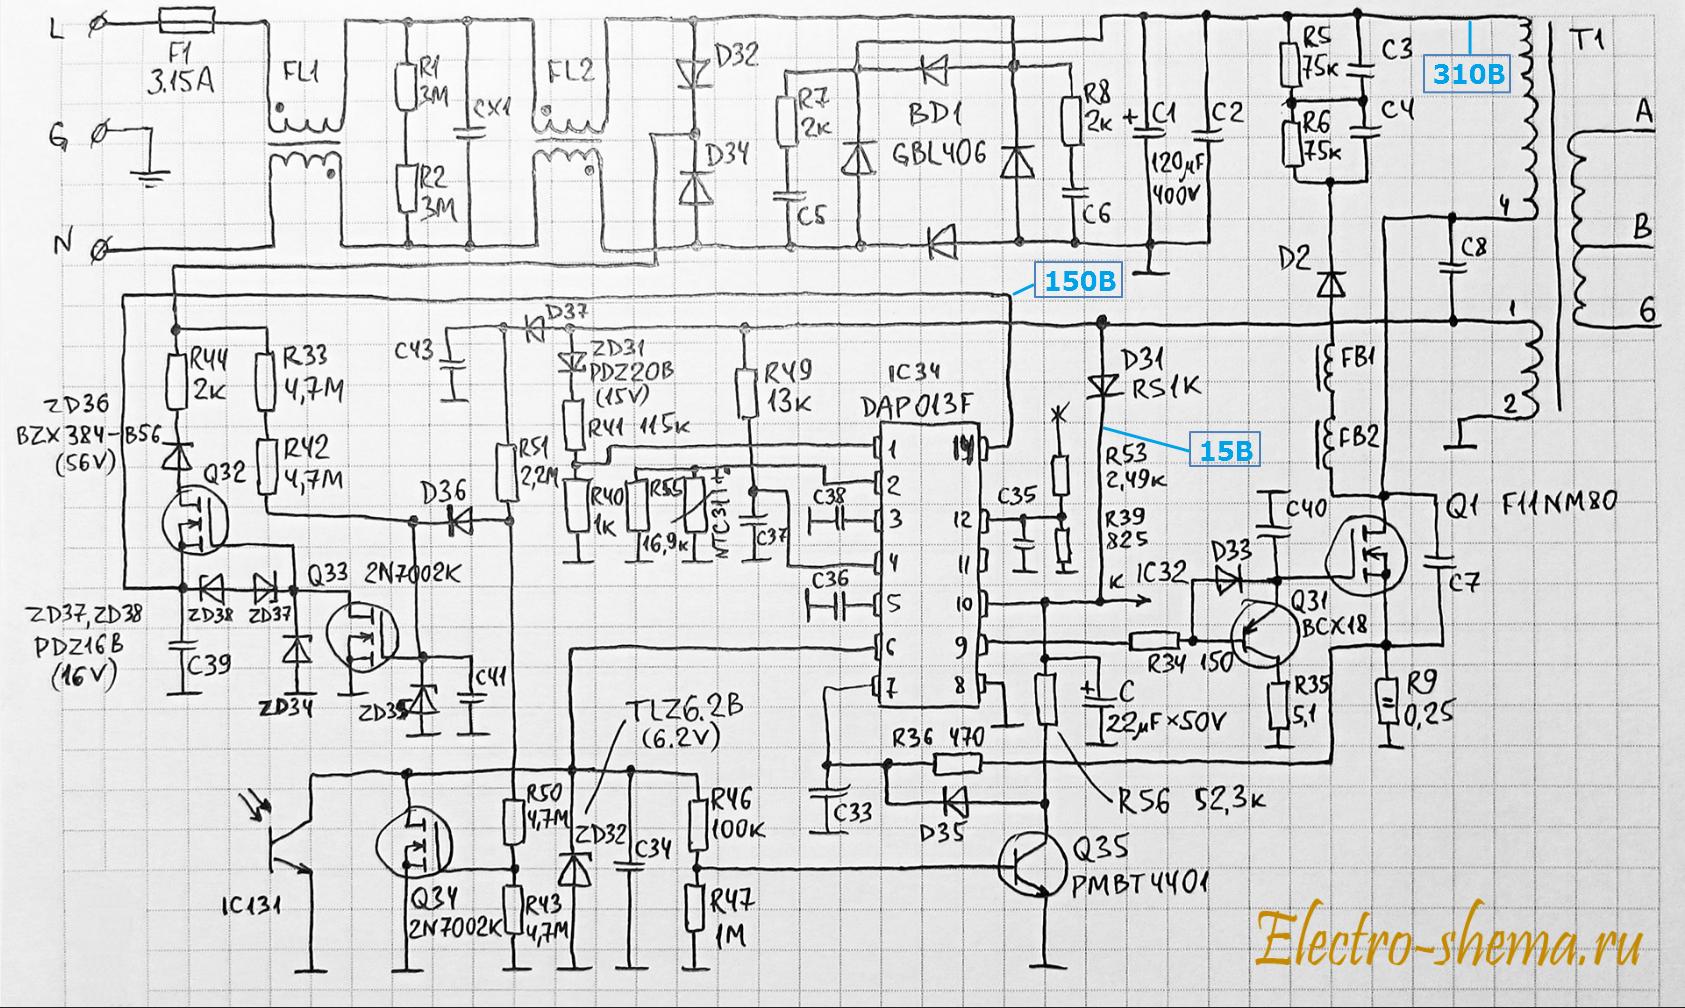 Схема блока укв укв-3-03с схема